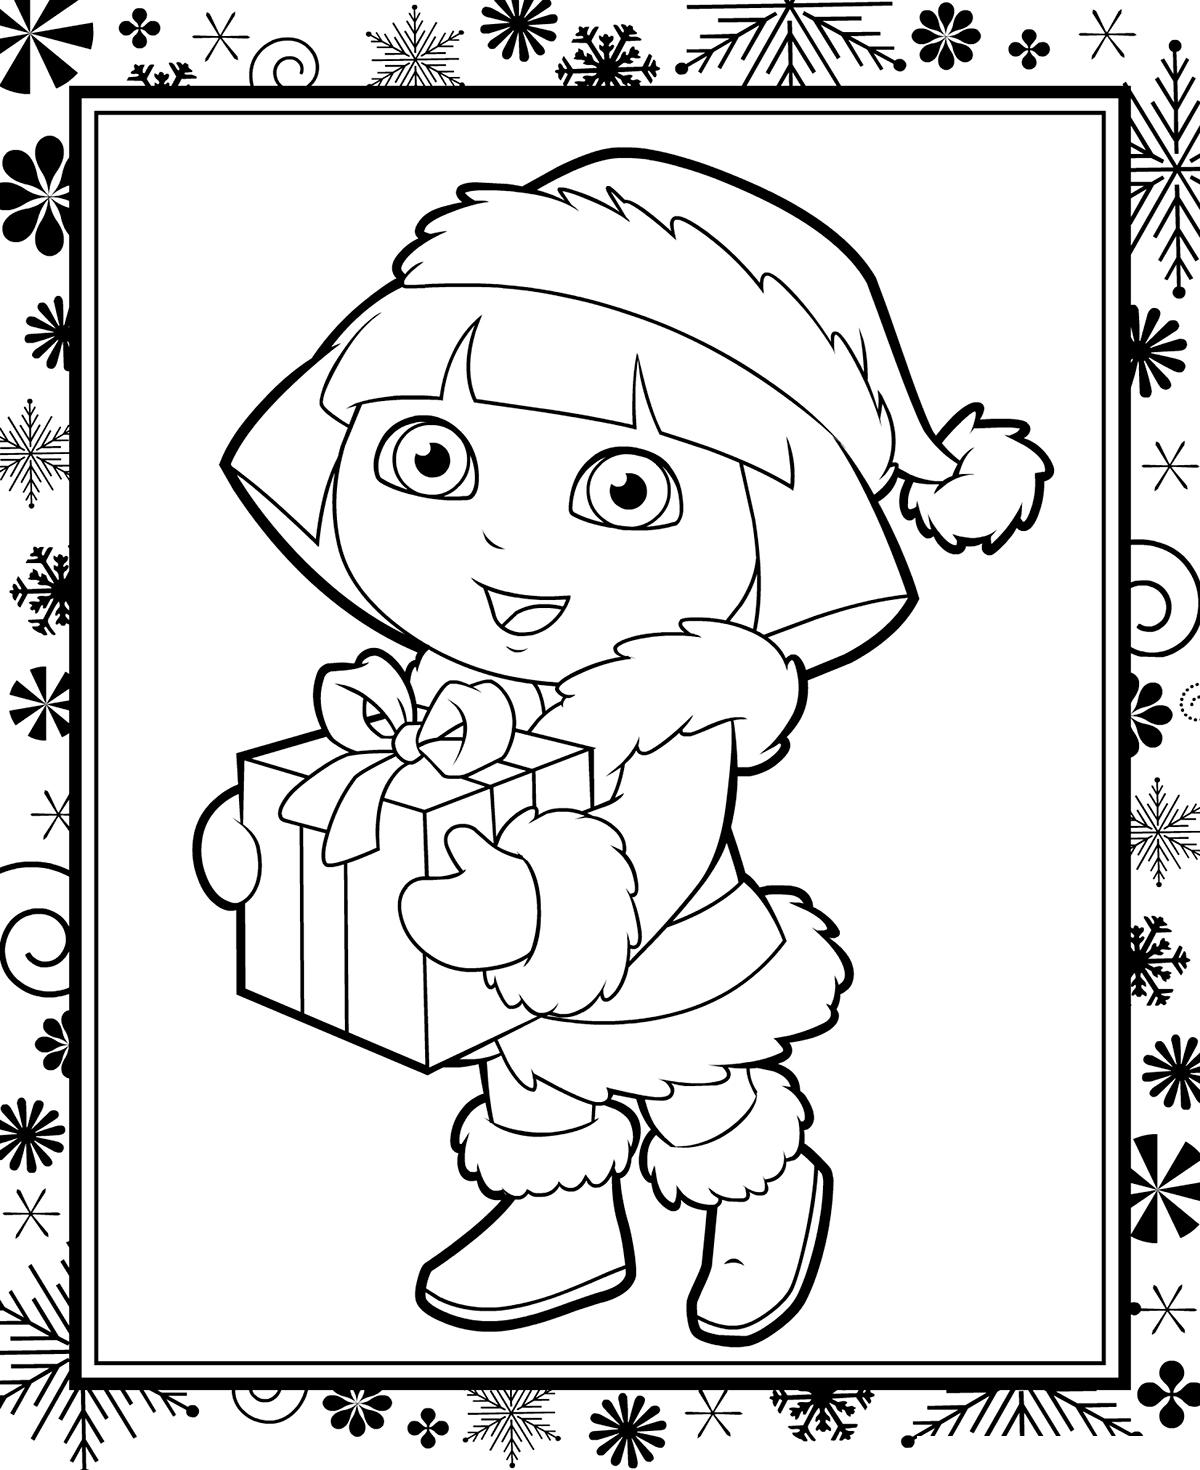 Раскраска Даша-путешественница и Новый год распечатать или ...